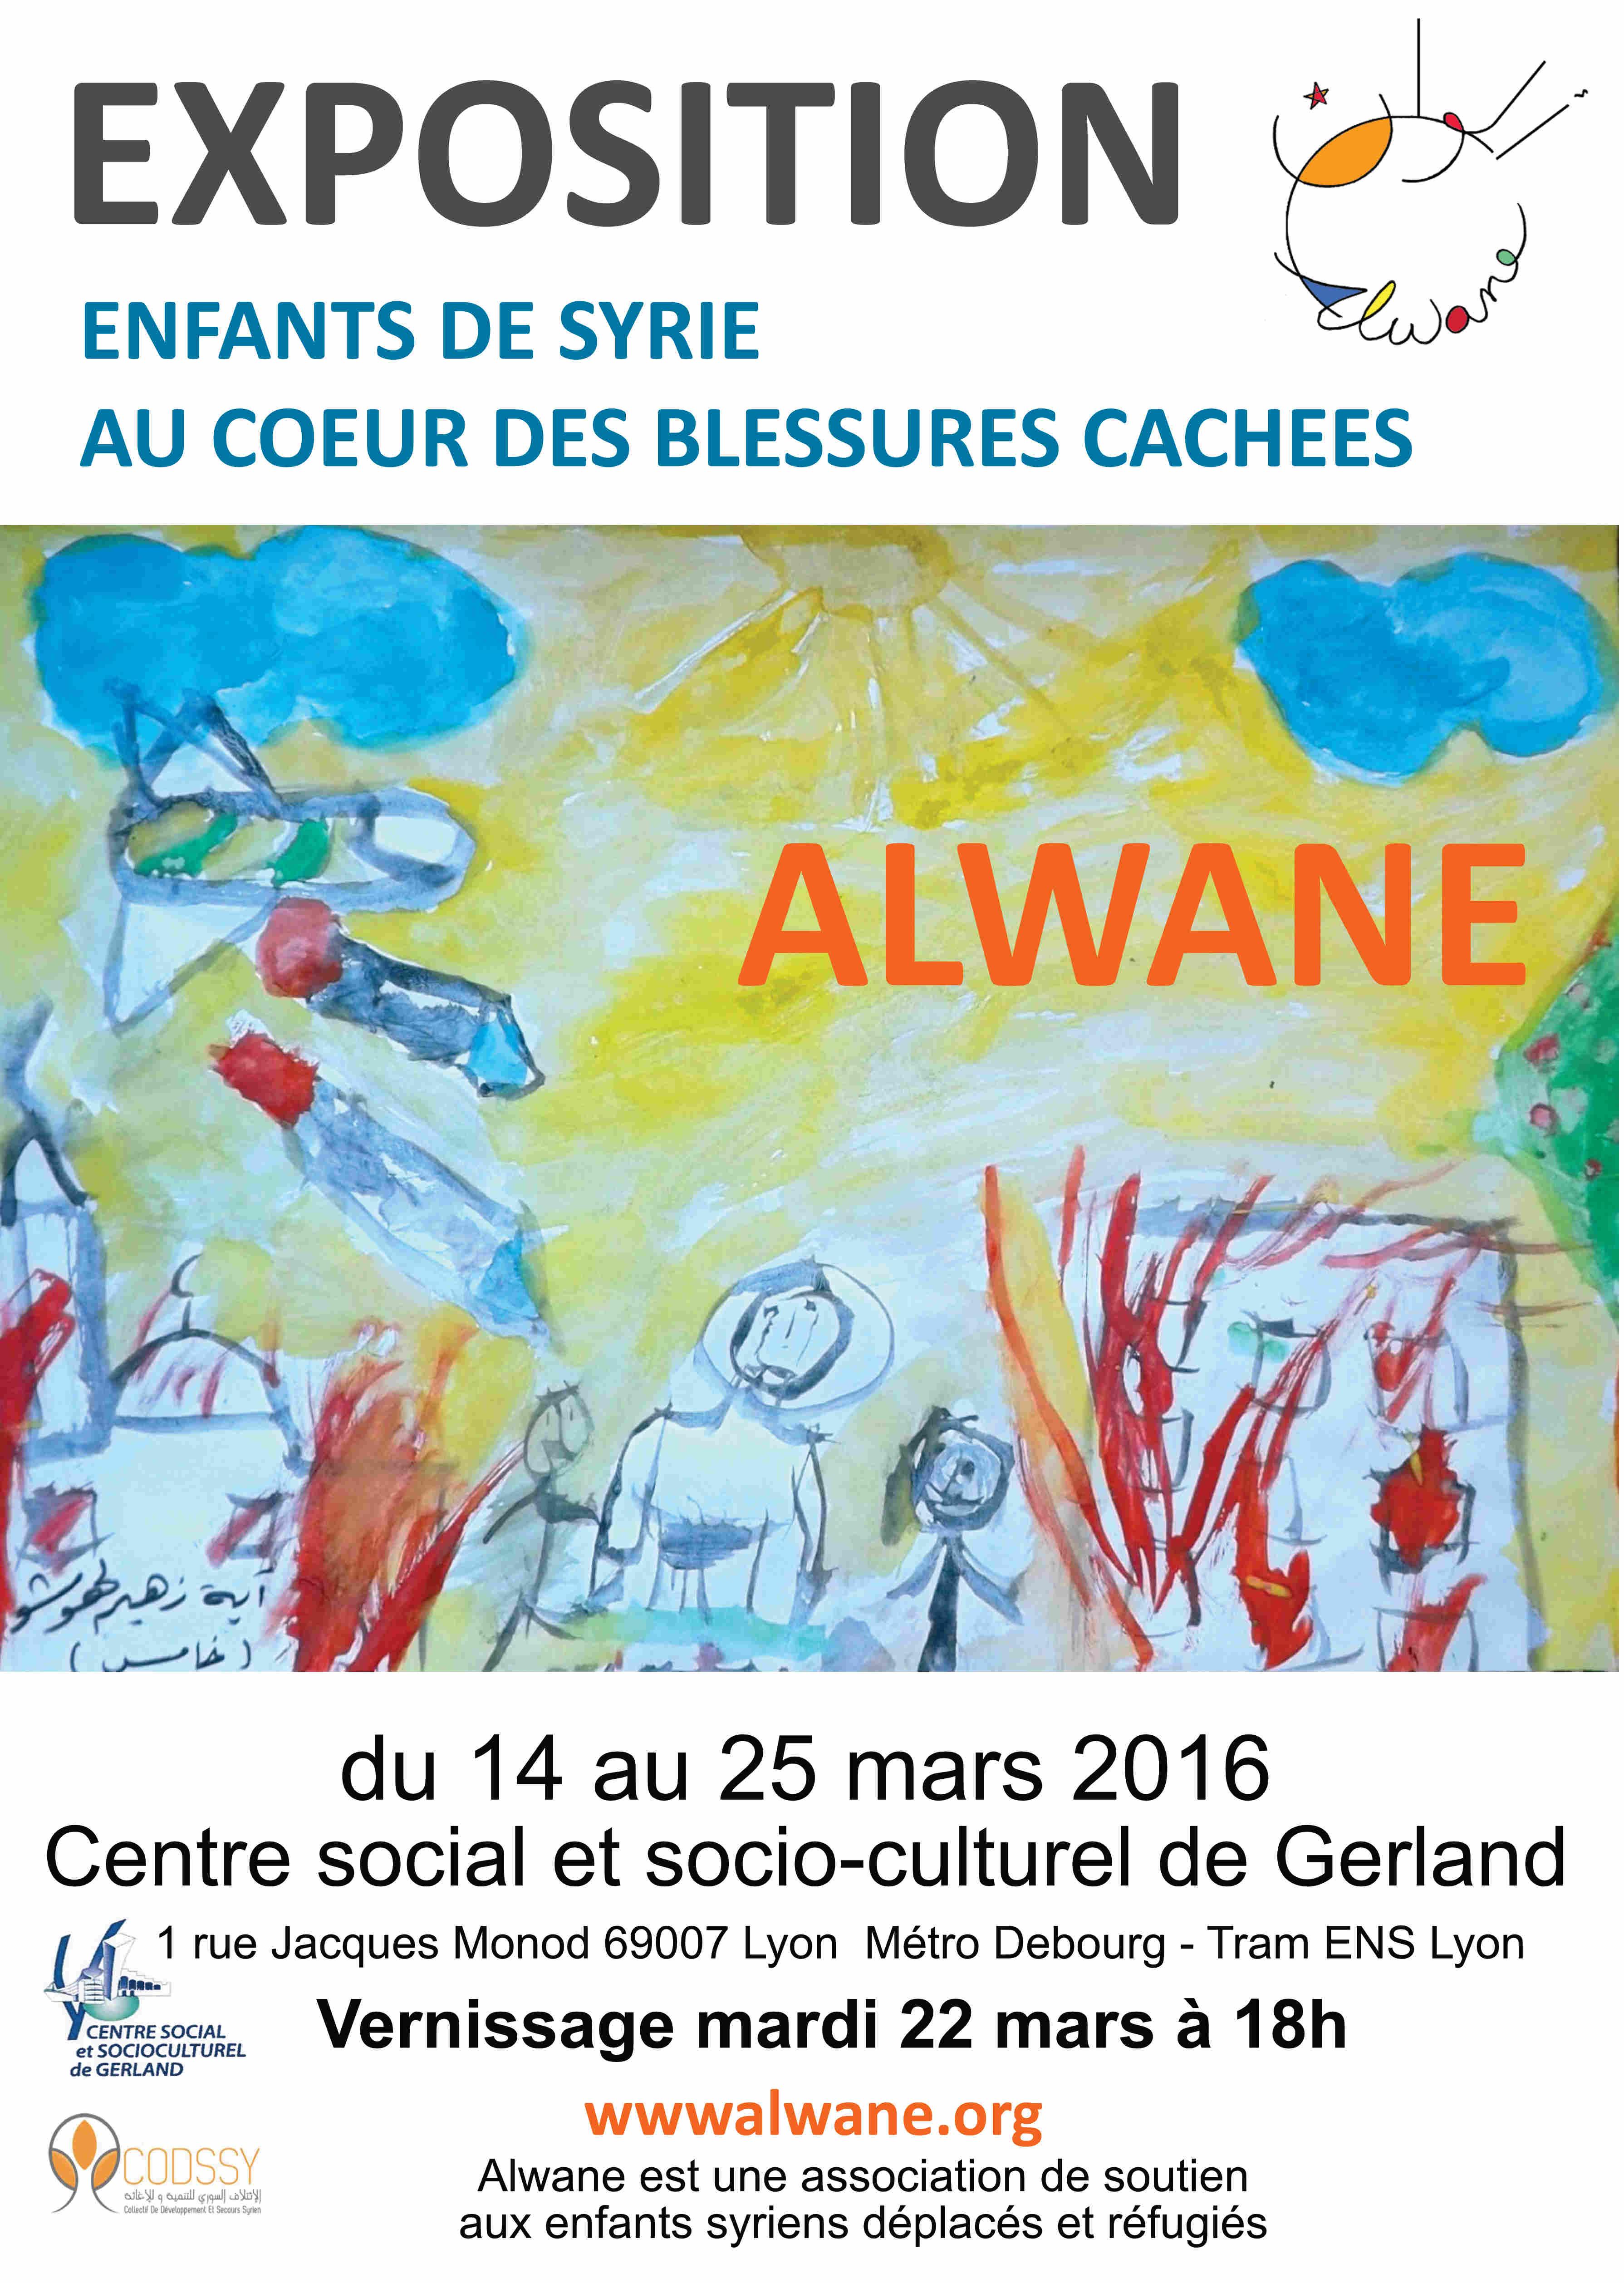 """Vernissage de l'Exposition """"Enfants de Syrie, au coeur des blessures cachées"""" au Centre social de Gerland"""